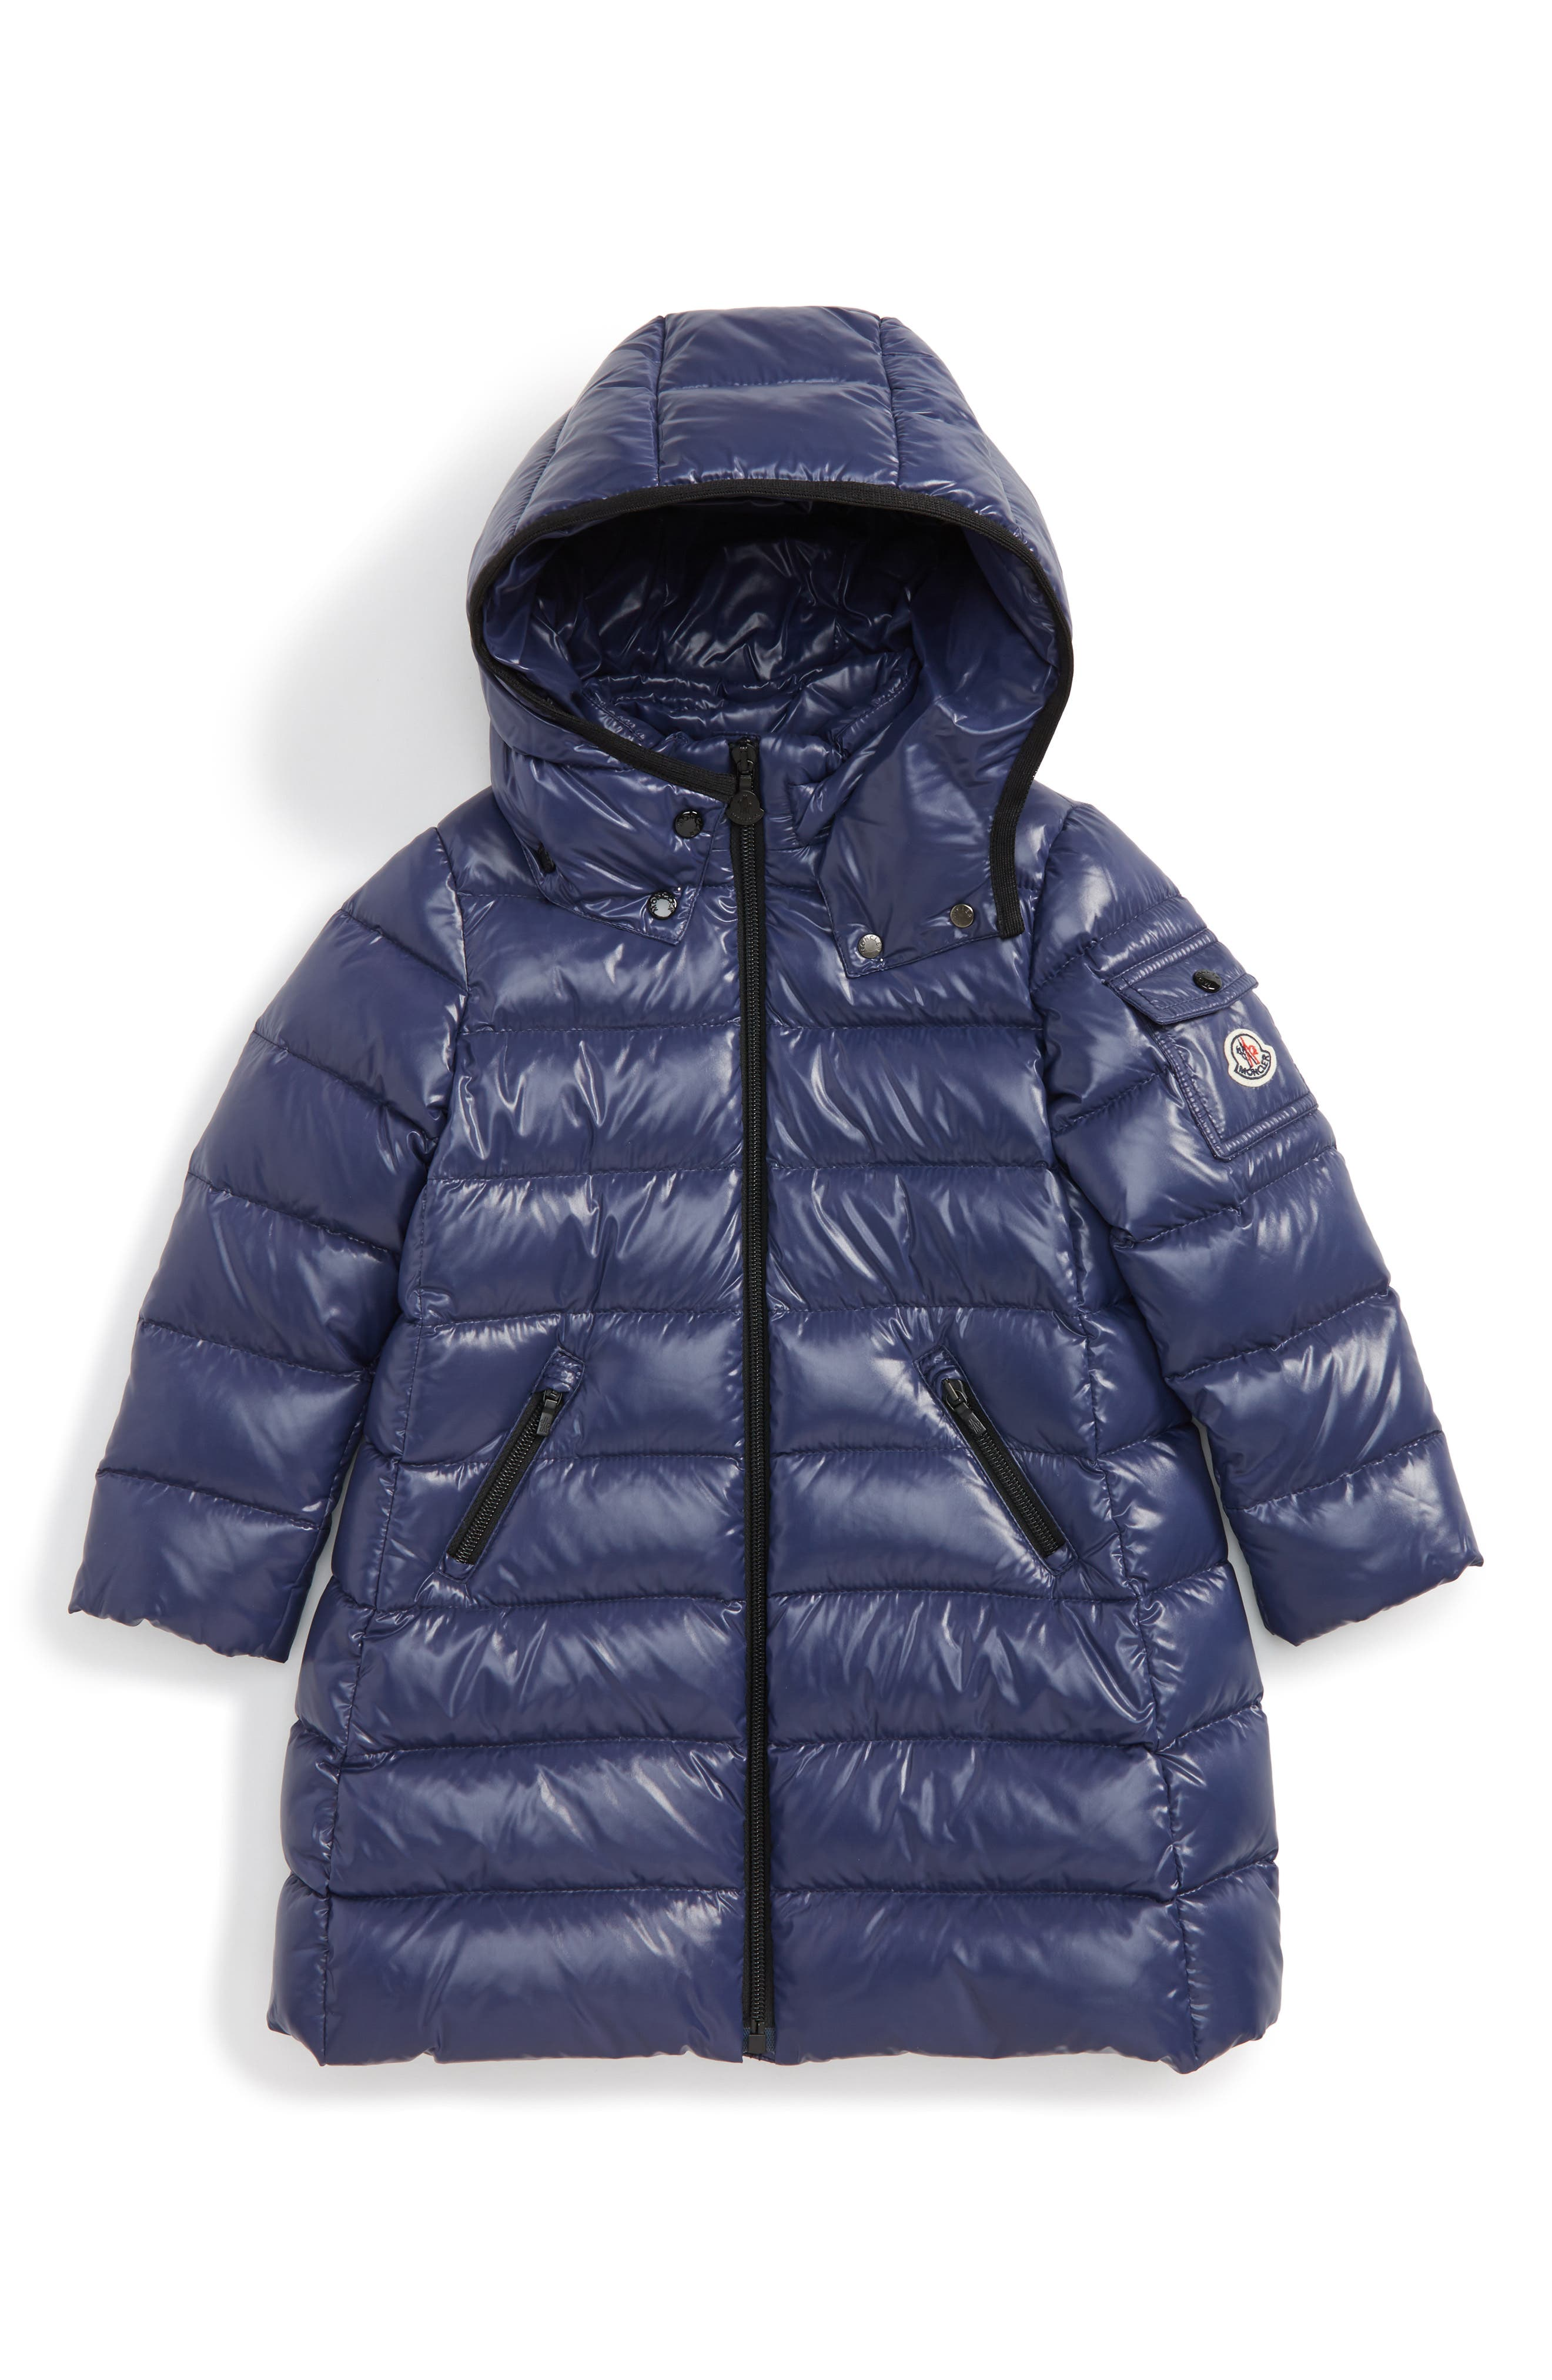 Moka Long Hooded Waterproof Down Jacket,                             Main thumbnail 1, color,                             Navy